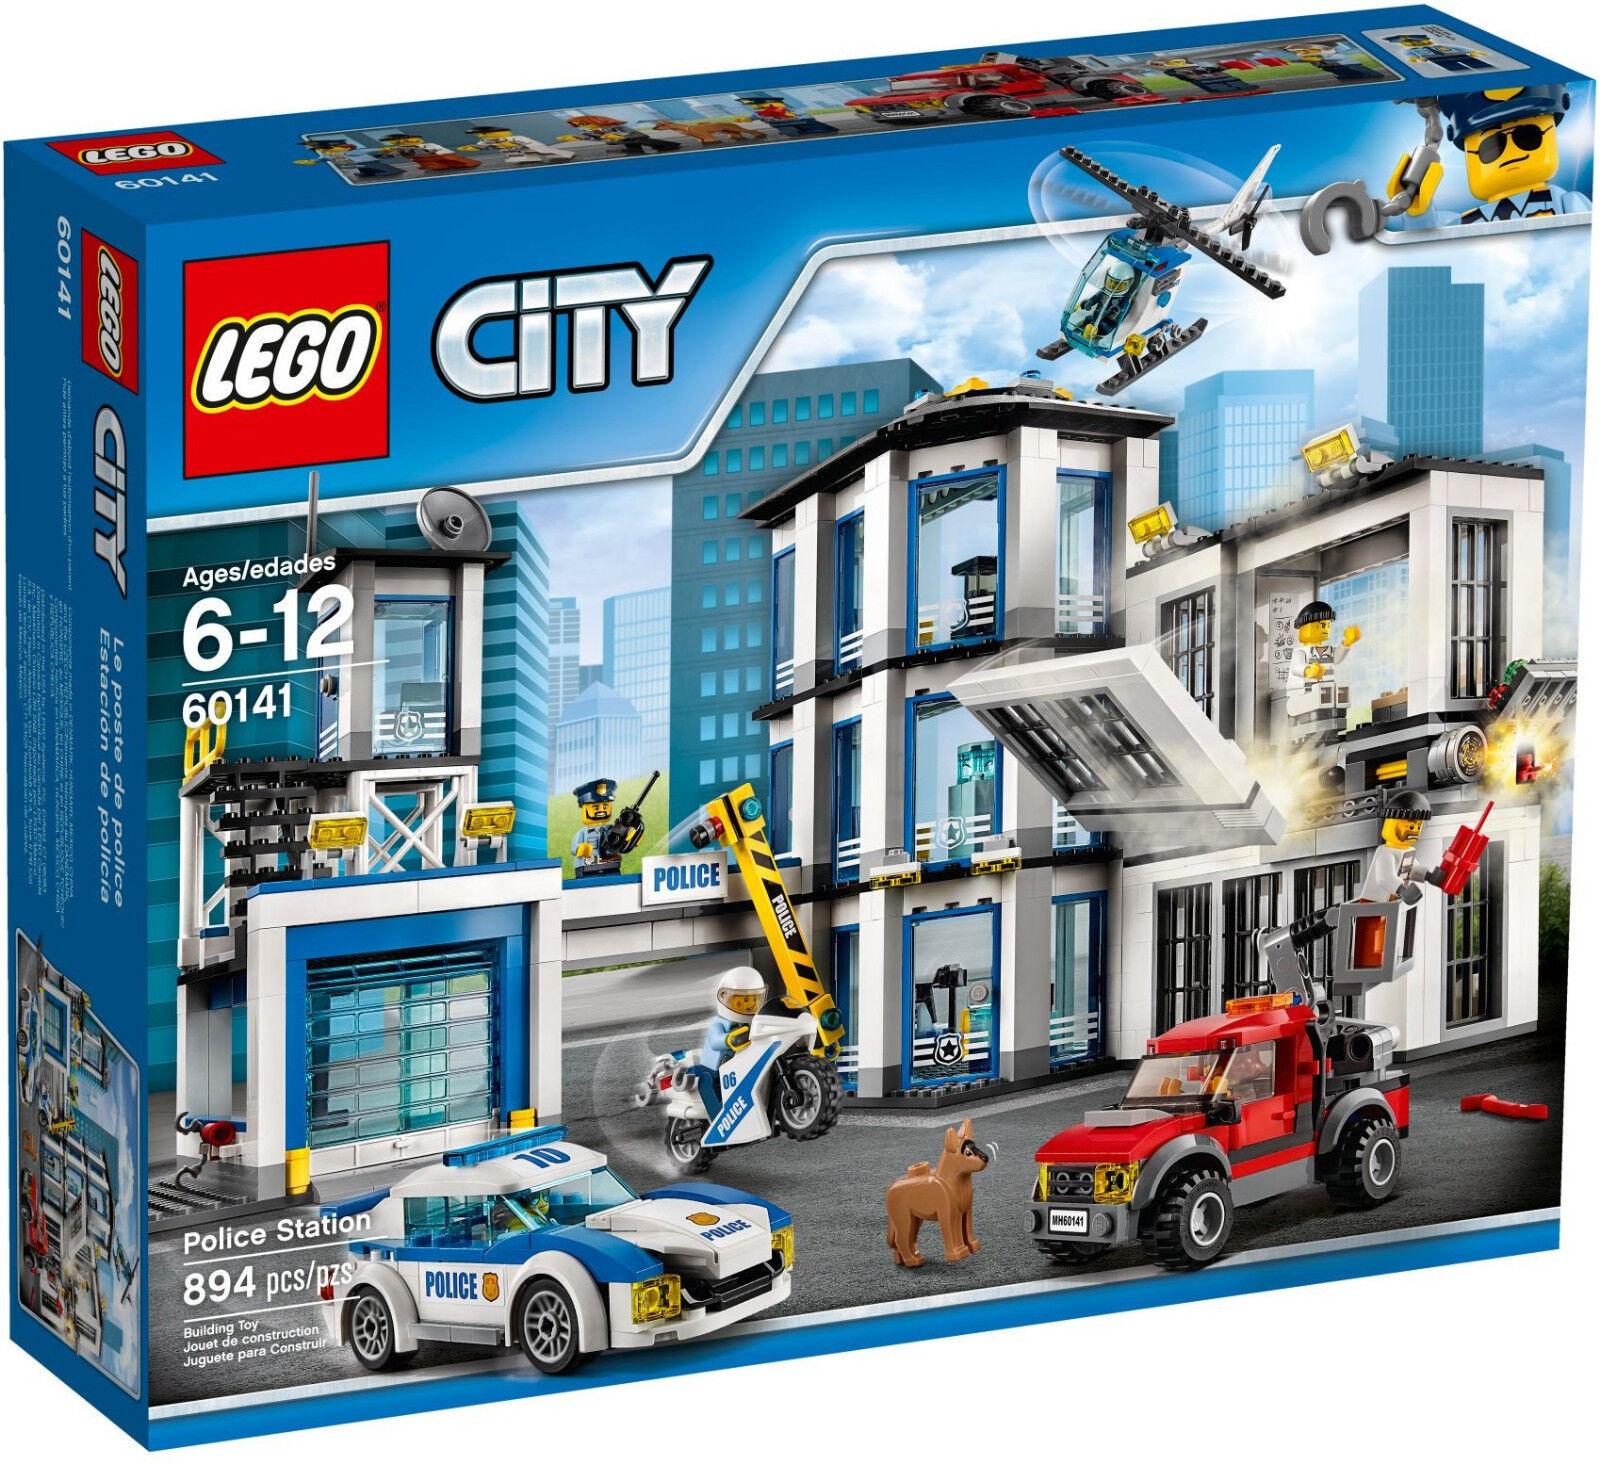 Lego  60141  Police Station  Serie City Mai Aperto  Visita il mio Negozio